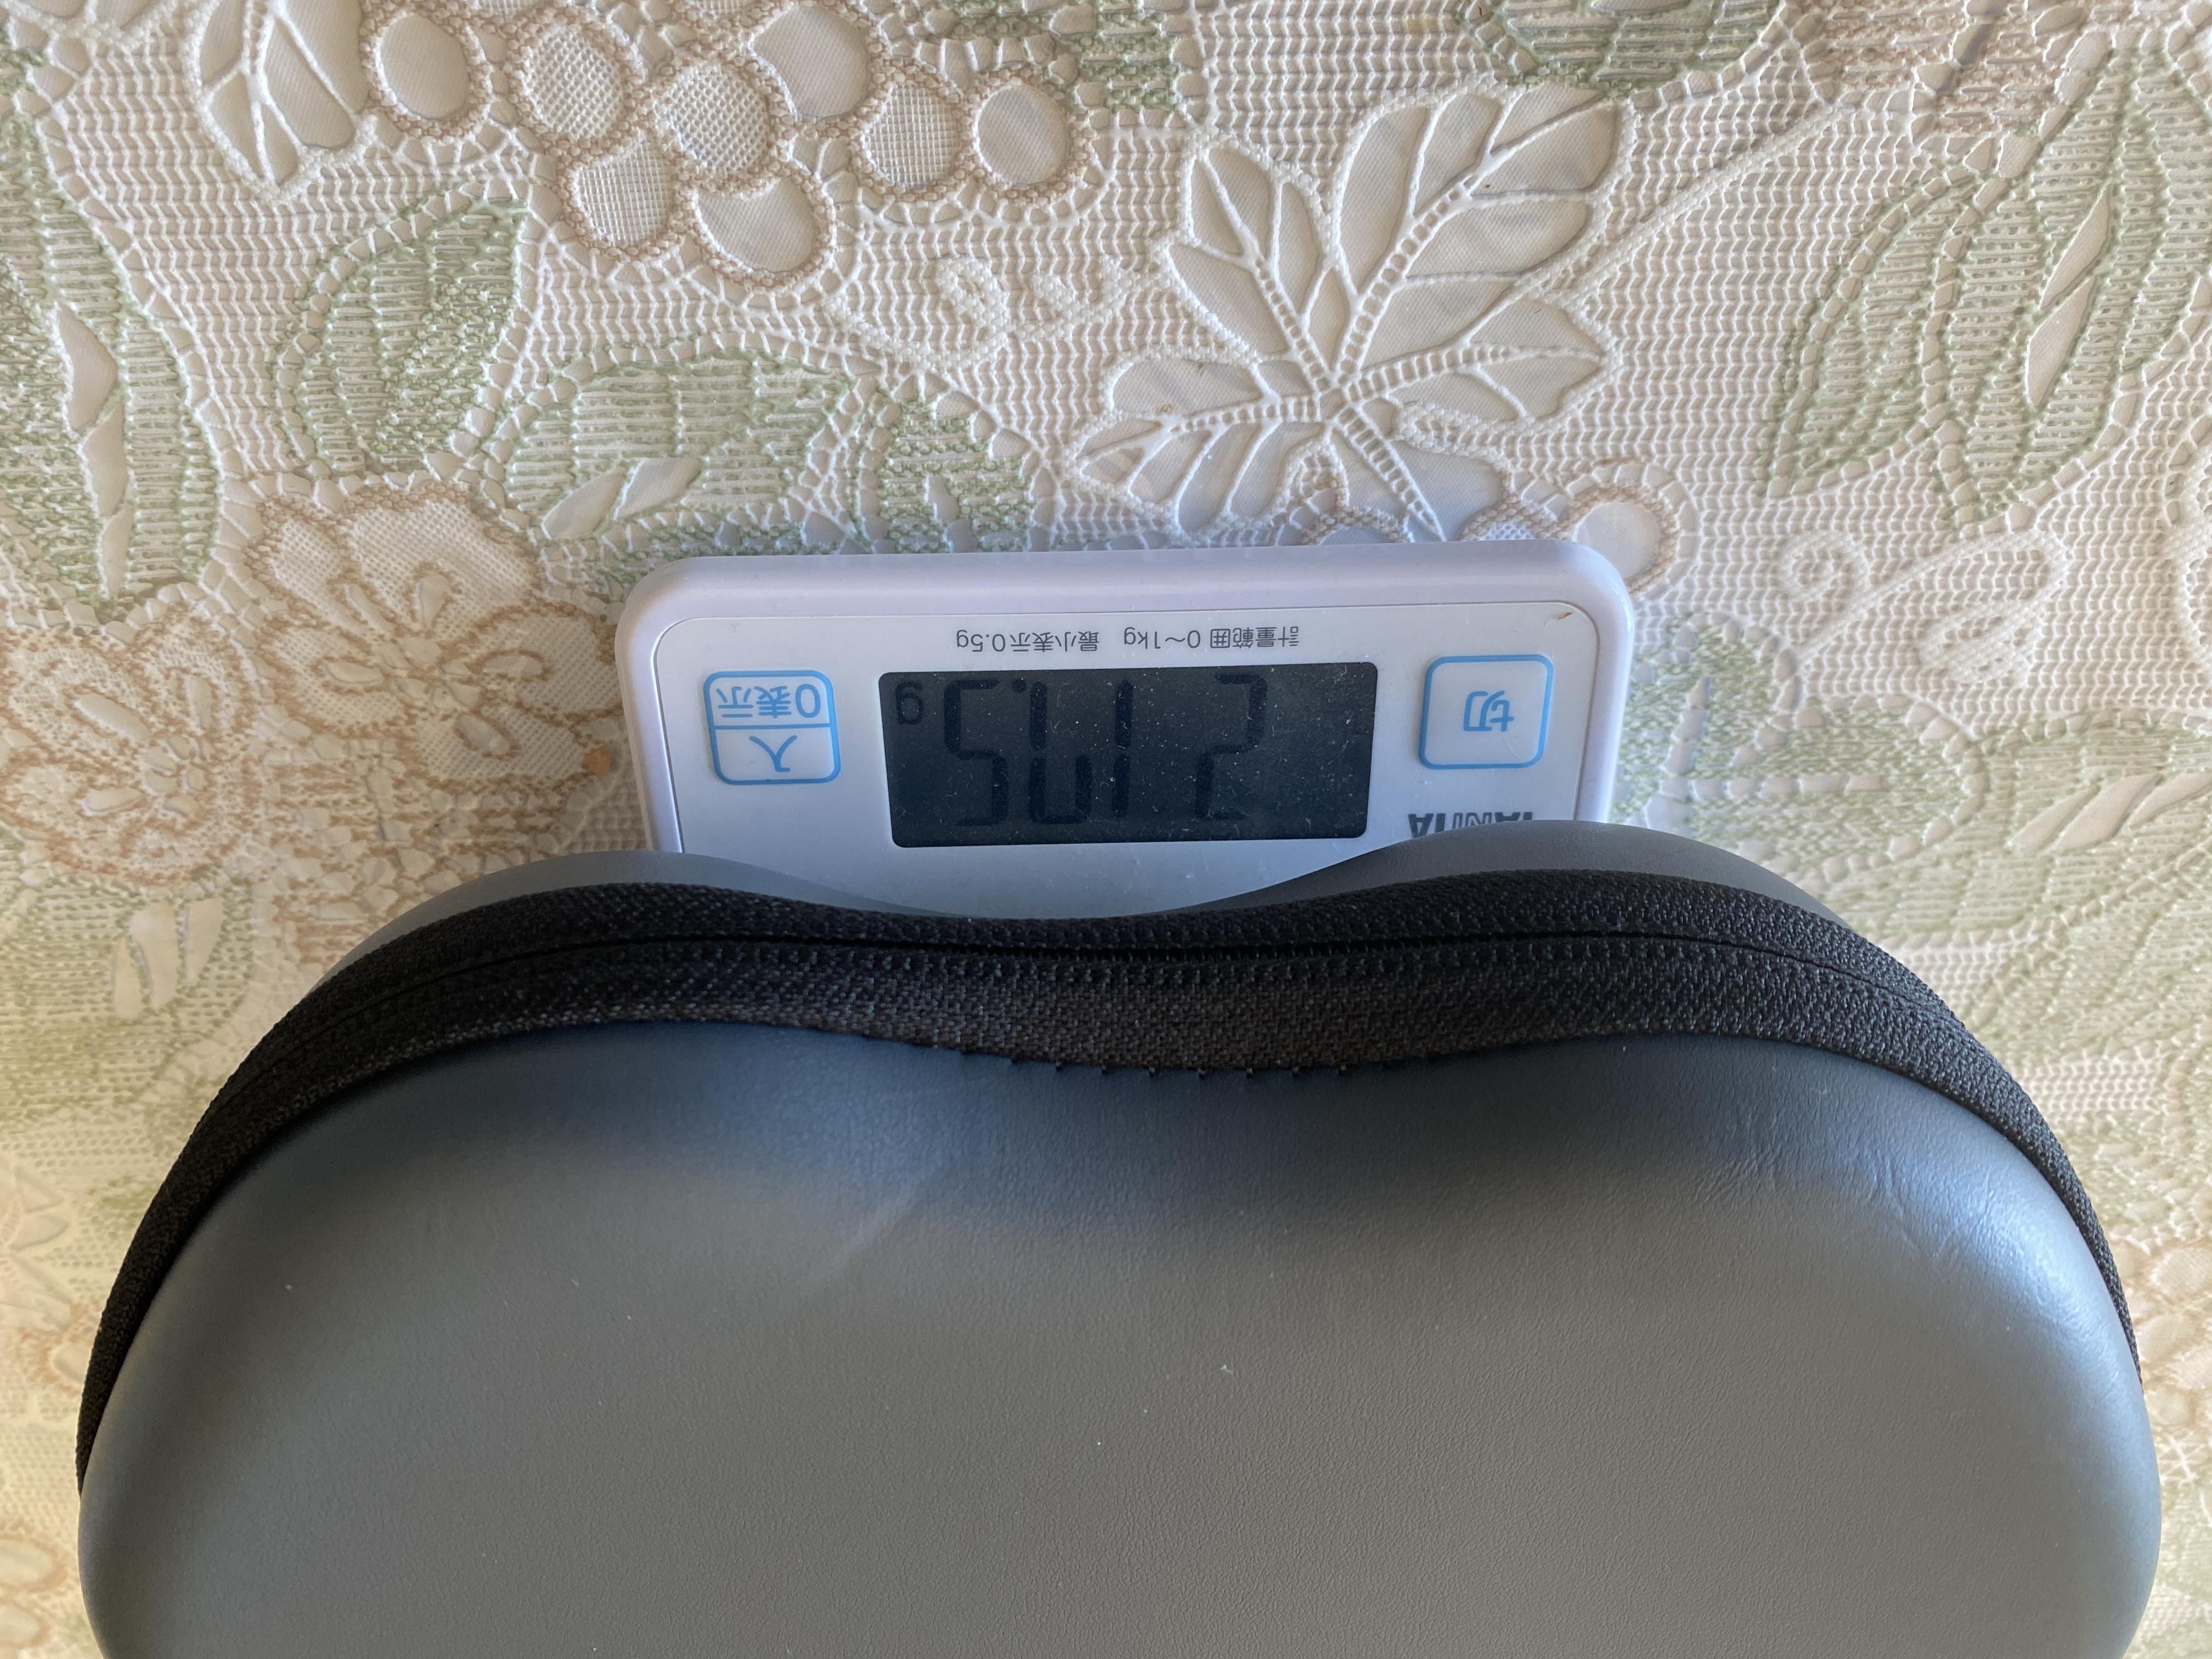 AirPods Maxケースの重量